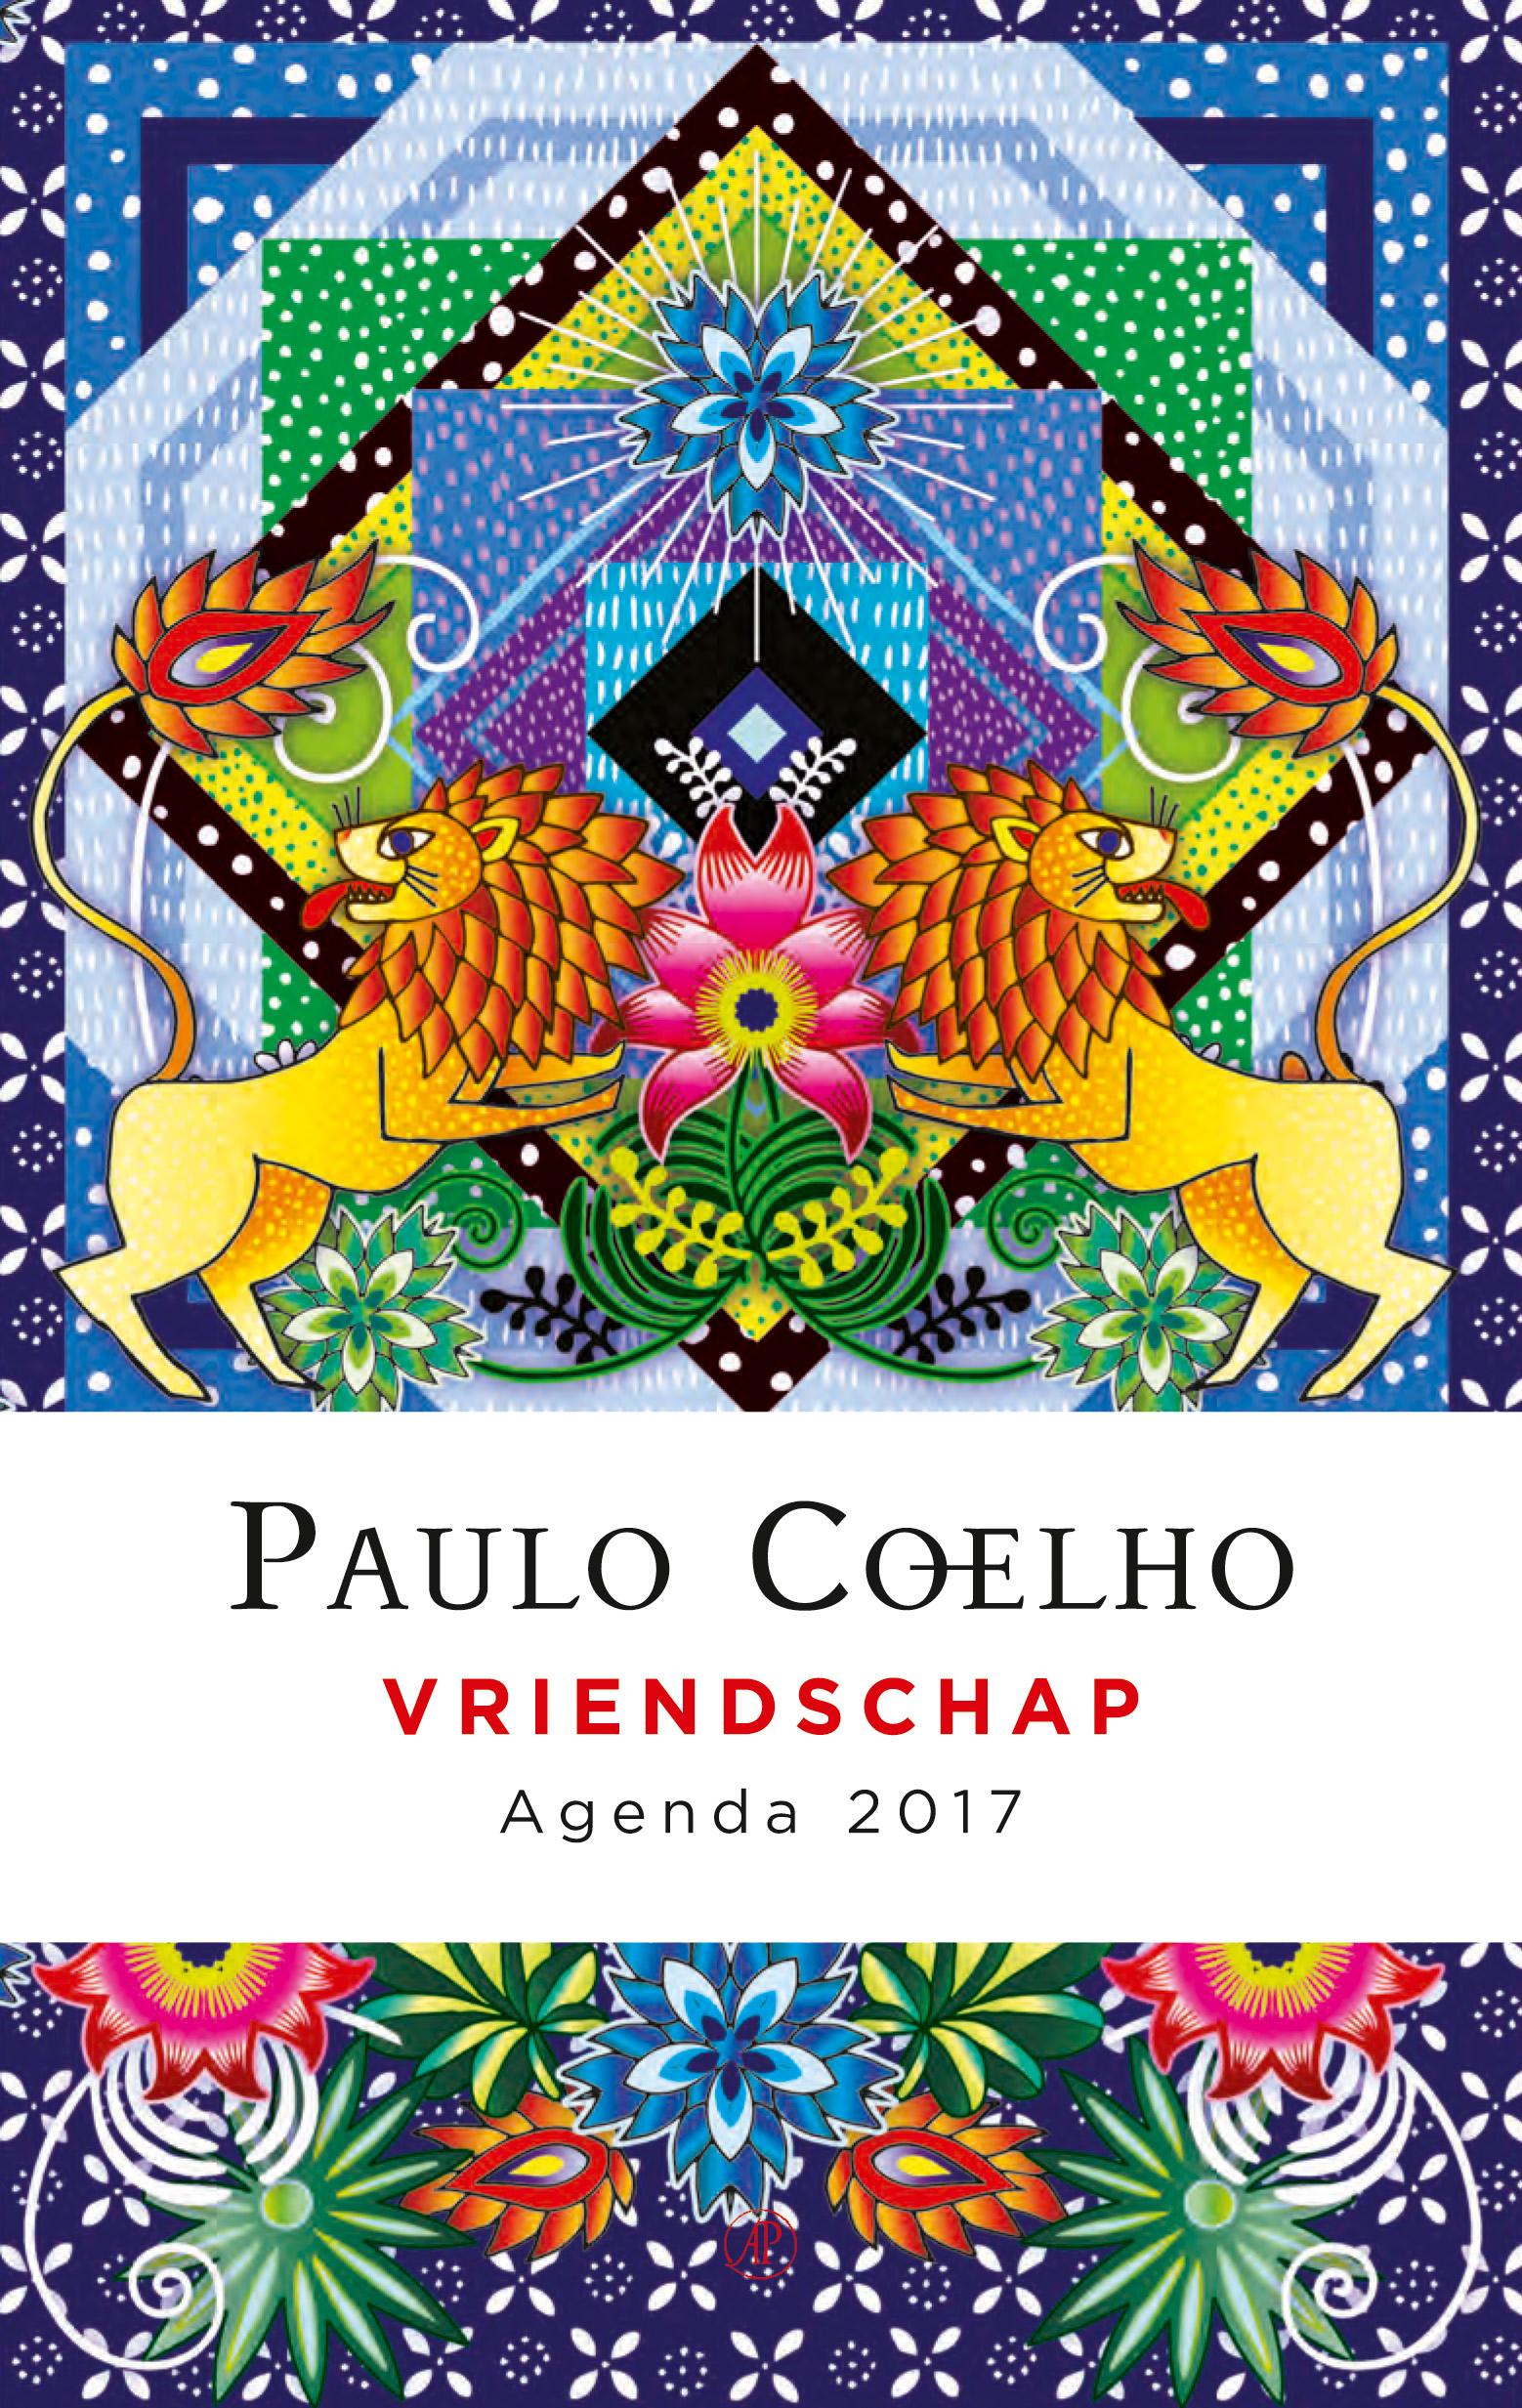 Vriendschap – Paulo Coelho